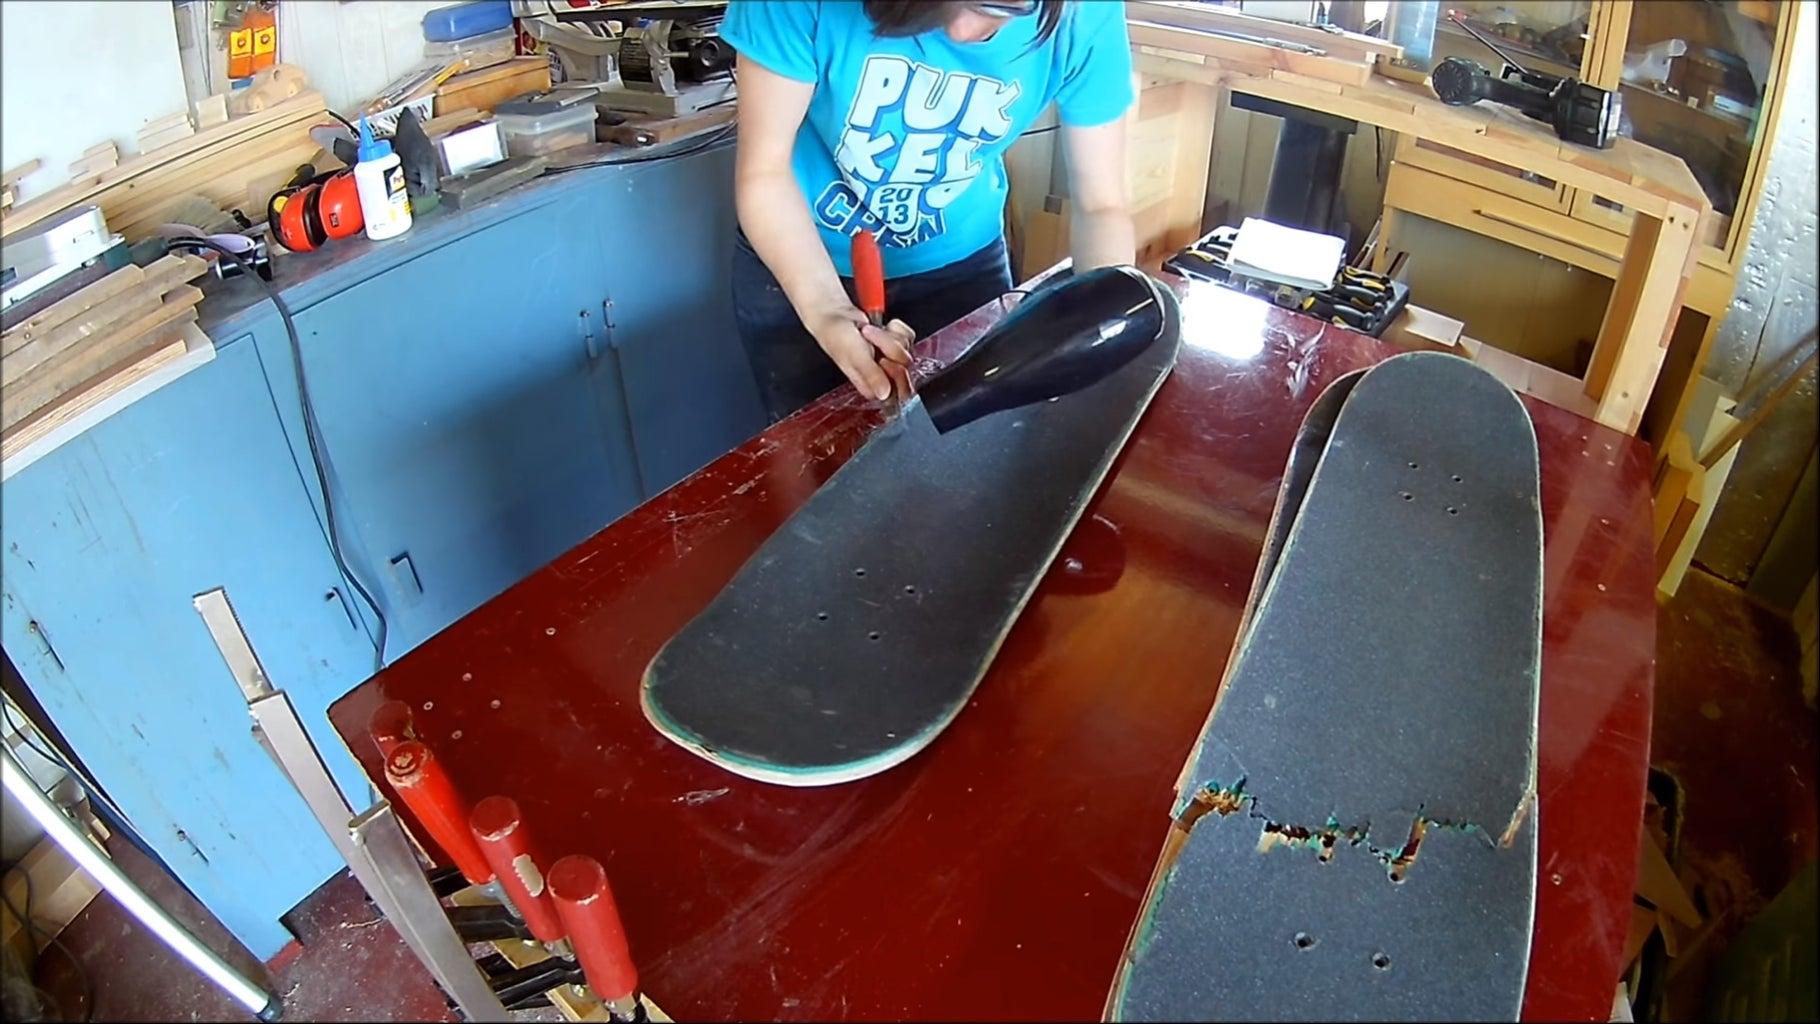 Preparing the Skateboards